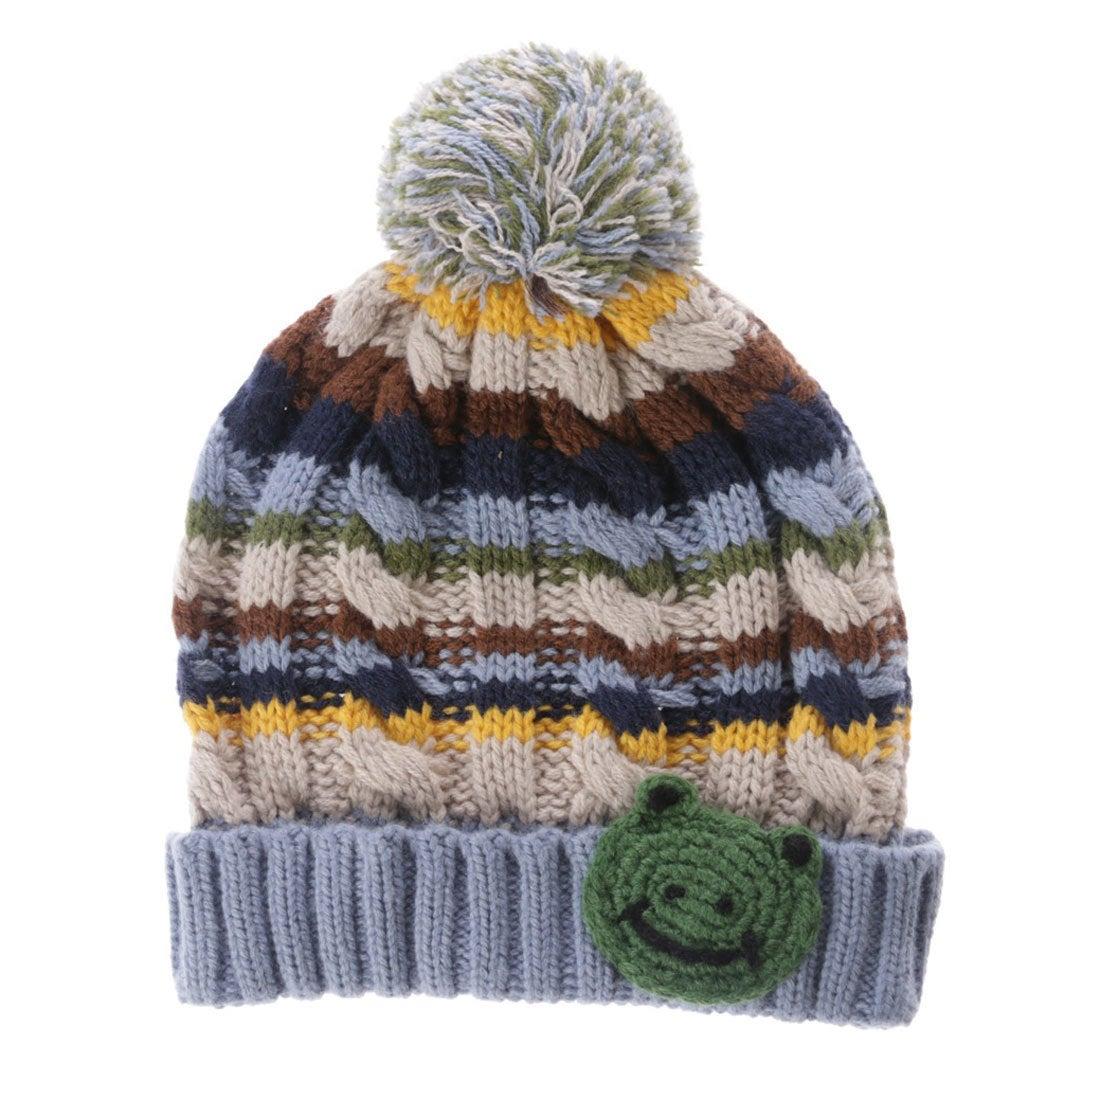 ef2f271cfd46f サンカンシオン 3can4on かえるニット帽 (マルチカラー) -アウトレット通販 ロコレット (LOCOLET)